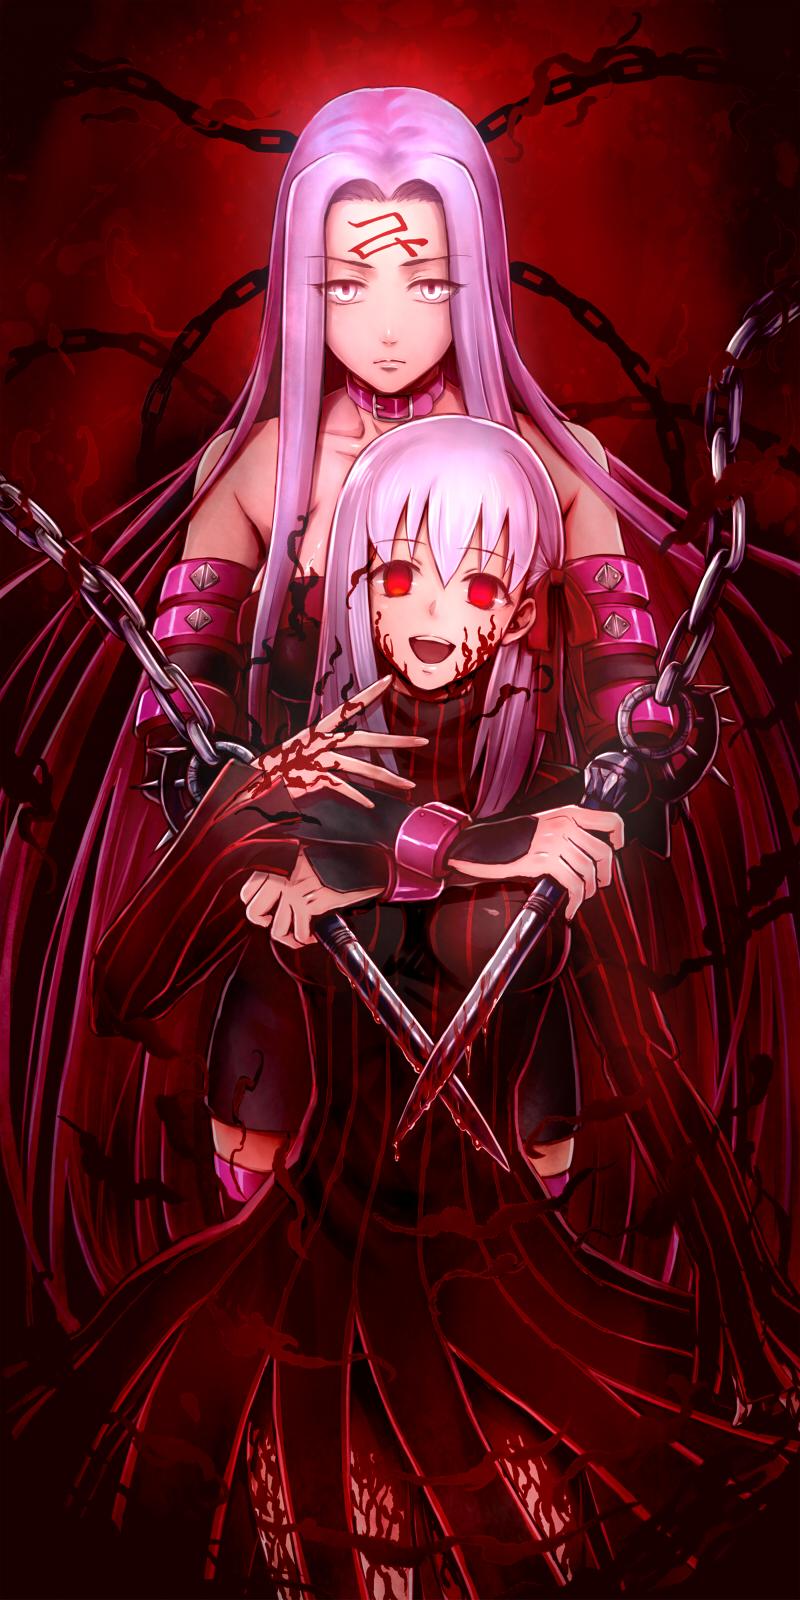 Wallpaper Fate Series Fate Stay Night Matou Sakura Anime